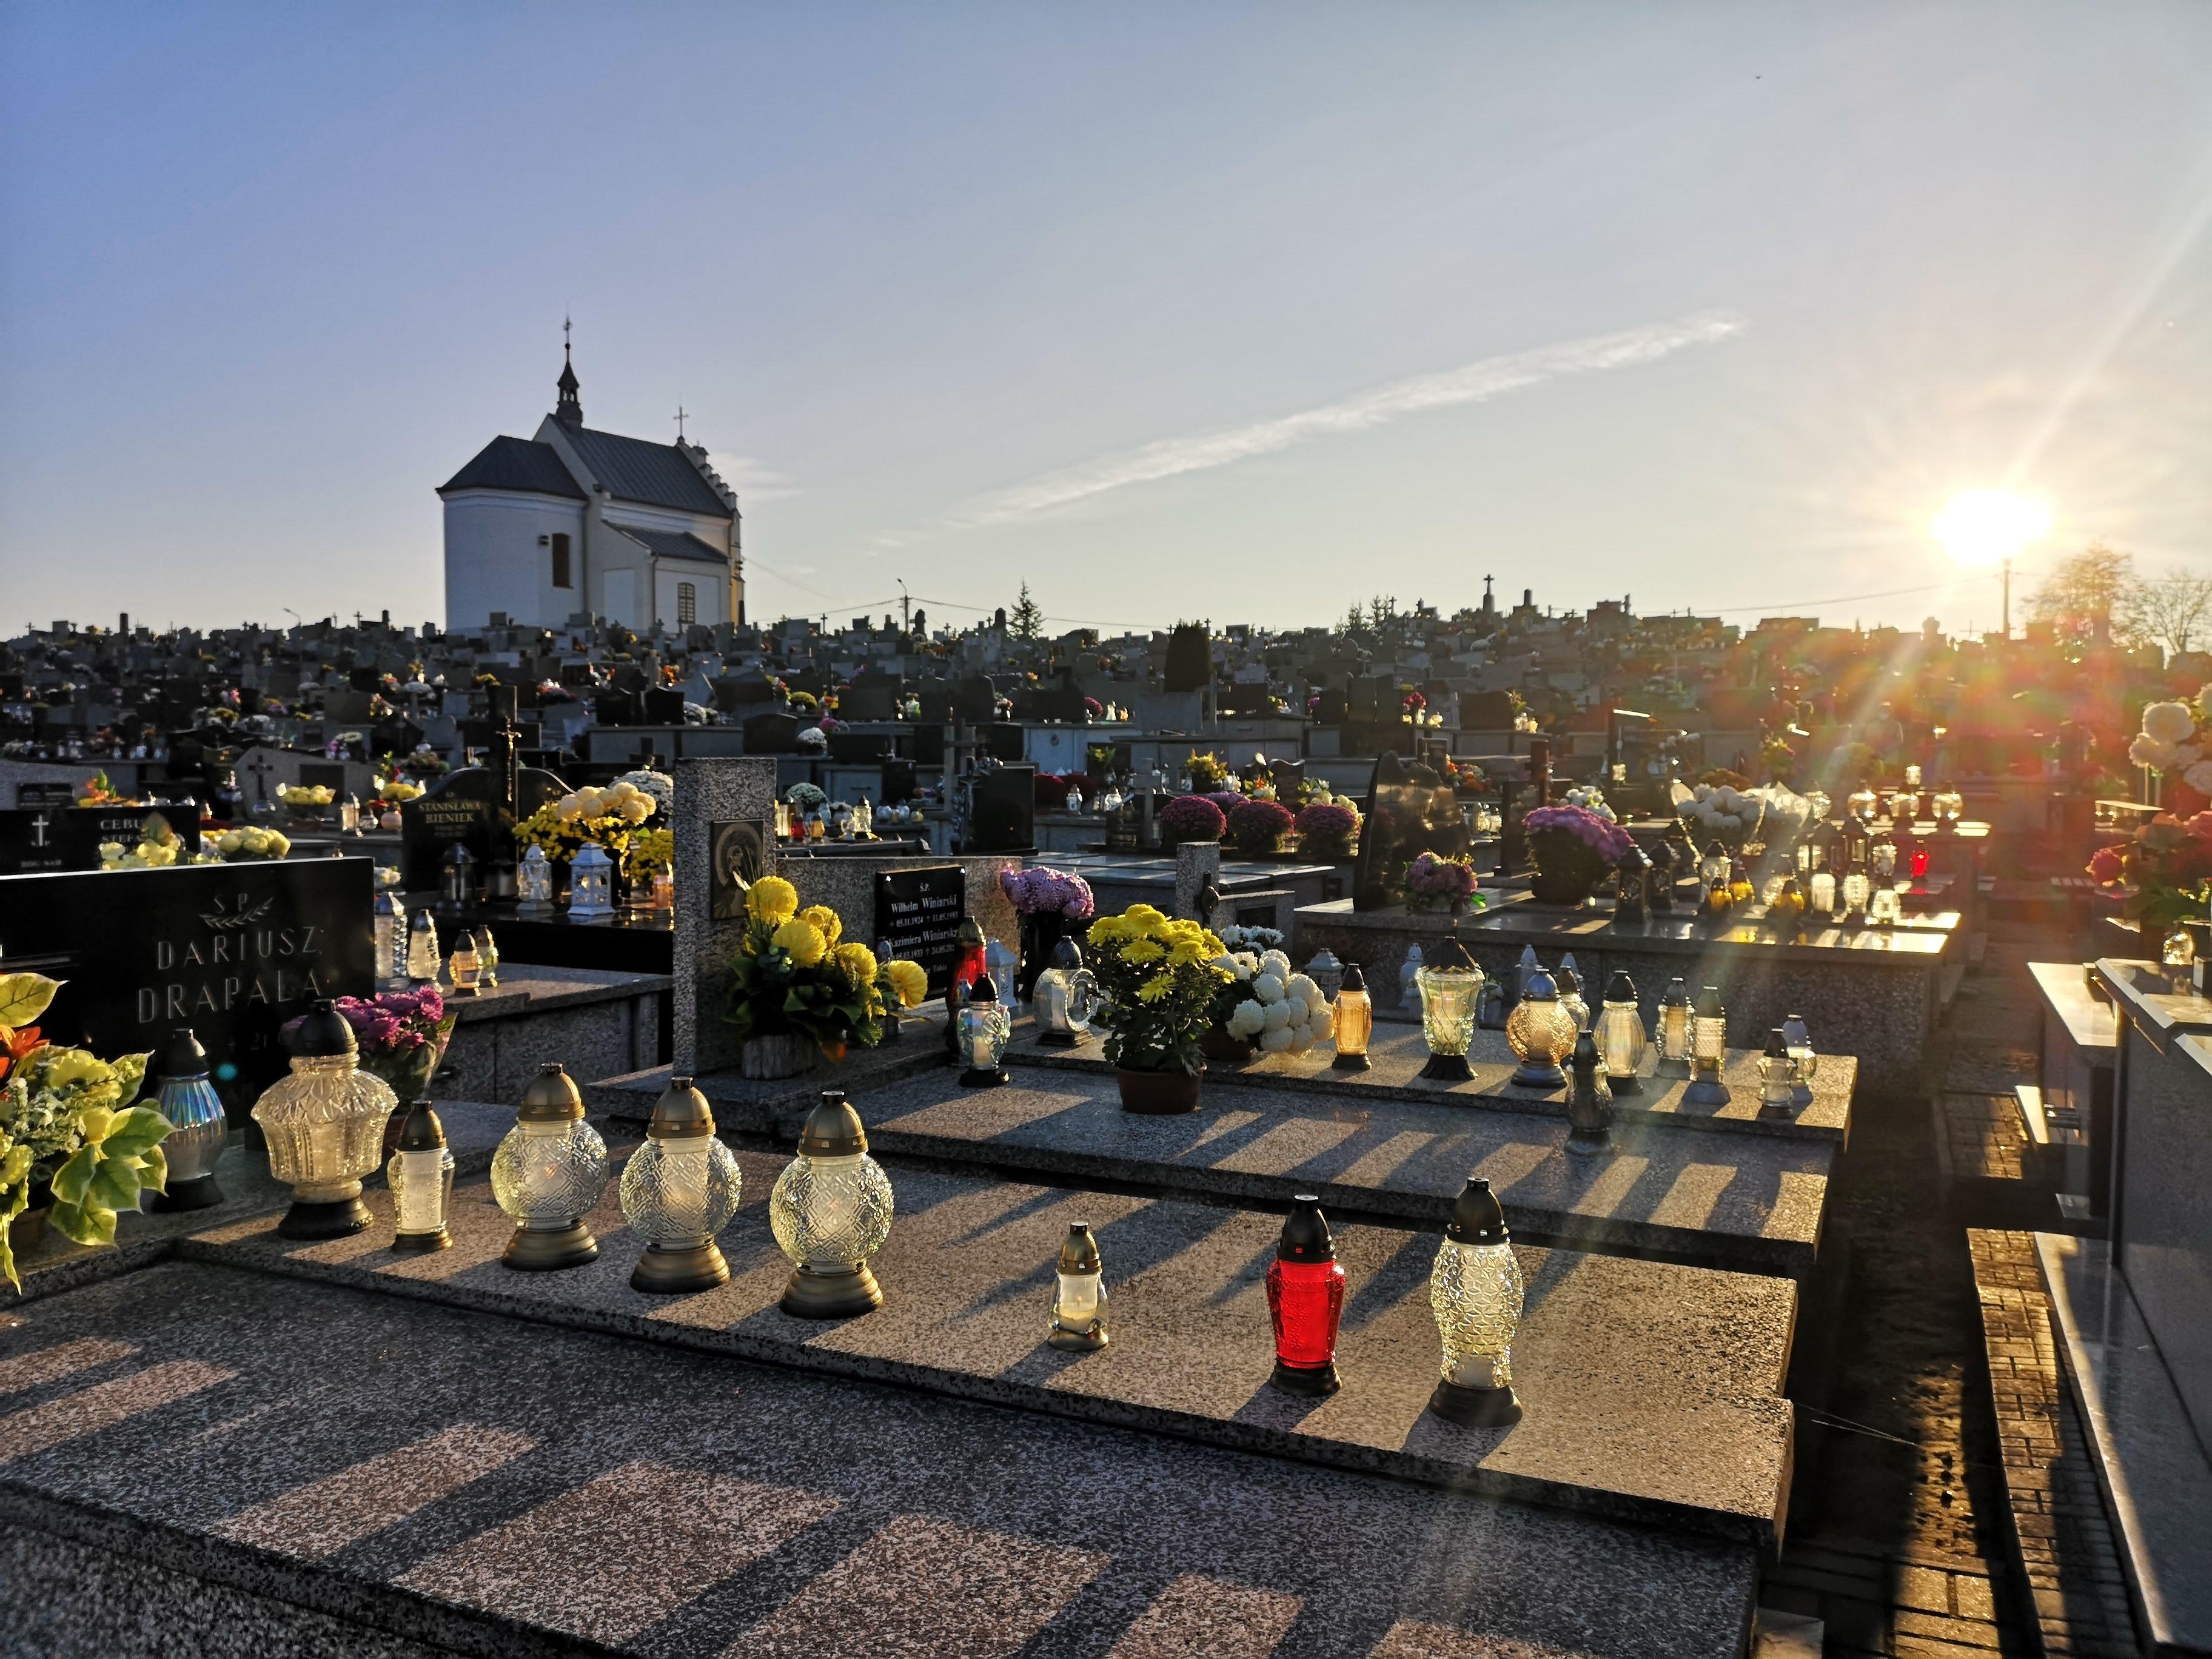 Kolbuszowskie cmentarze w dzień Wszystkich Świętych [FOTO] - Zdjęcie główne